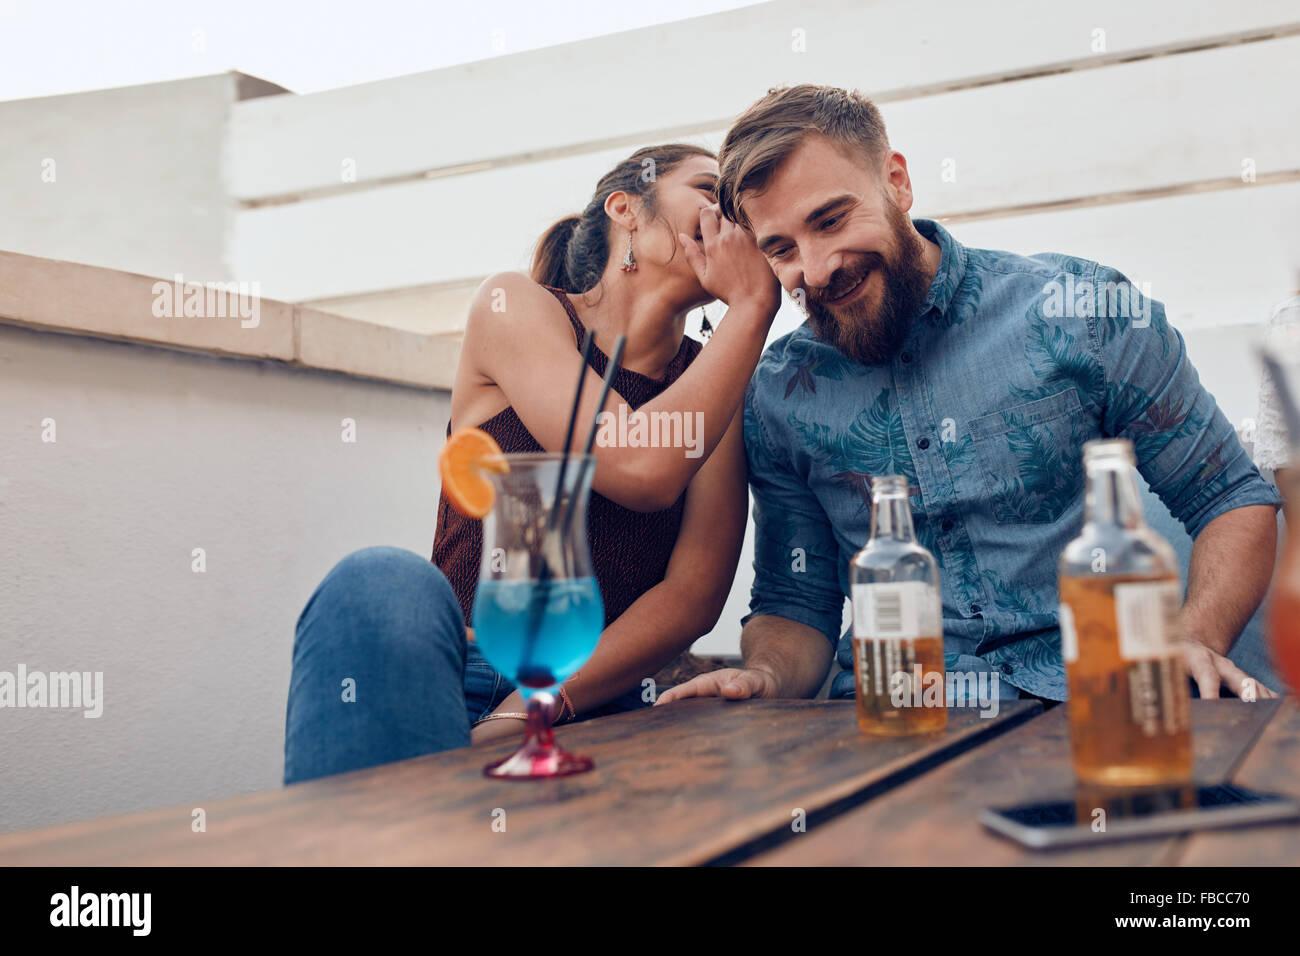 Dos jóvenes sentados junto con chismes. Mujer susurrando algo en los oídos del hombre durante una fiesta. Imagen De Stock